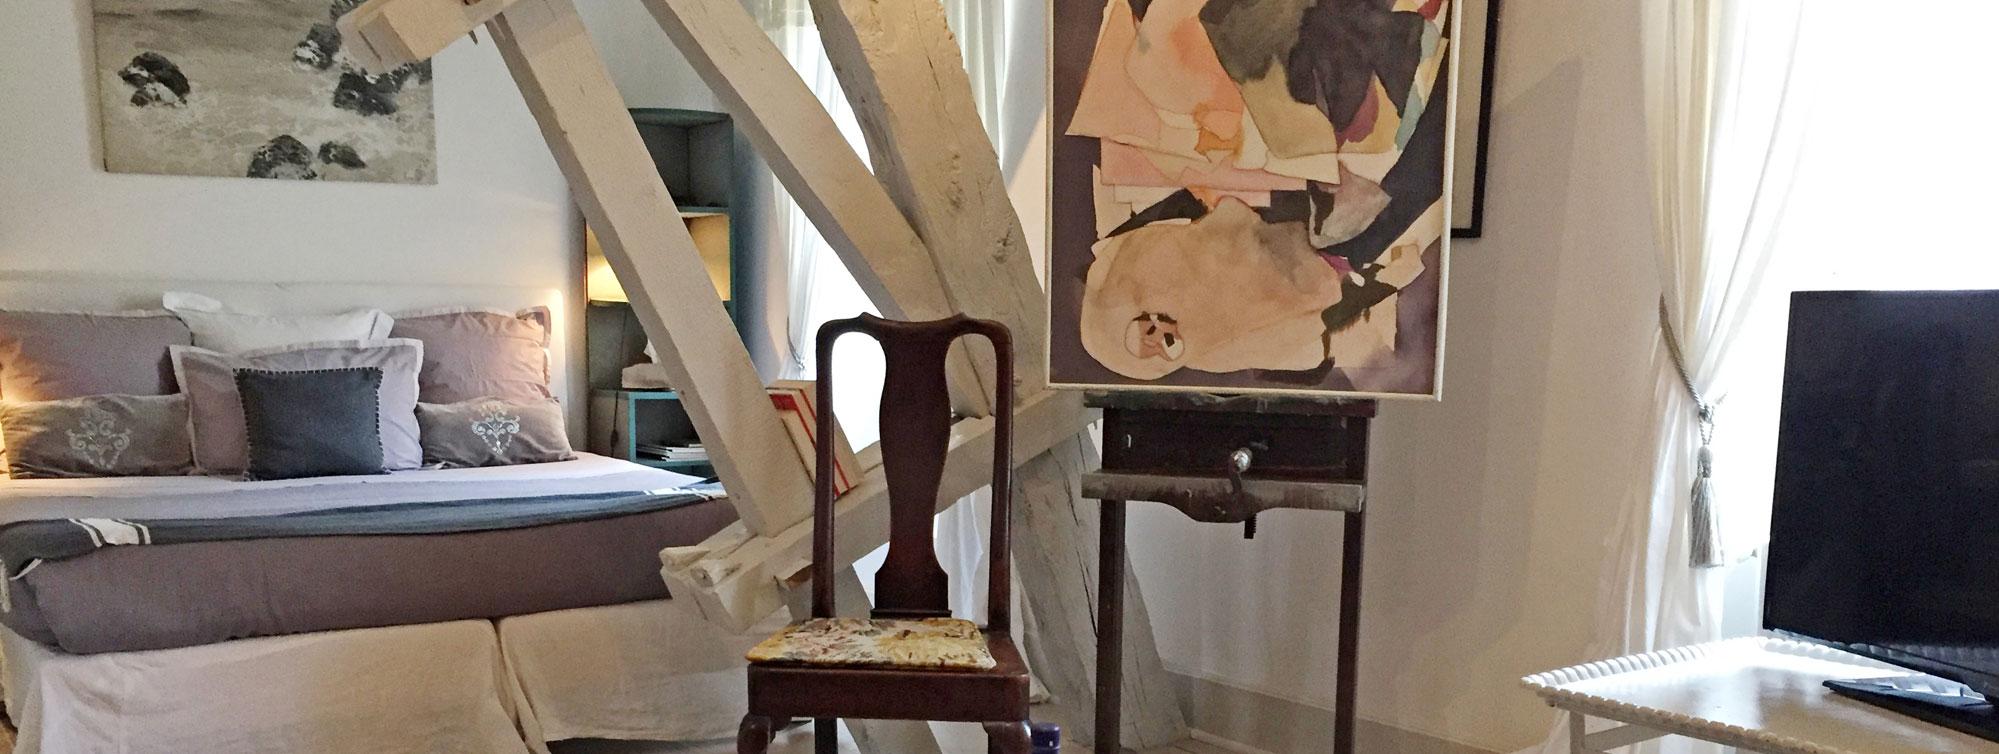 Atelier d'Artiste - Chambre d'hôte Chateau de Maumont ©Chateau de Maumont